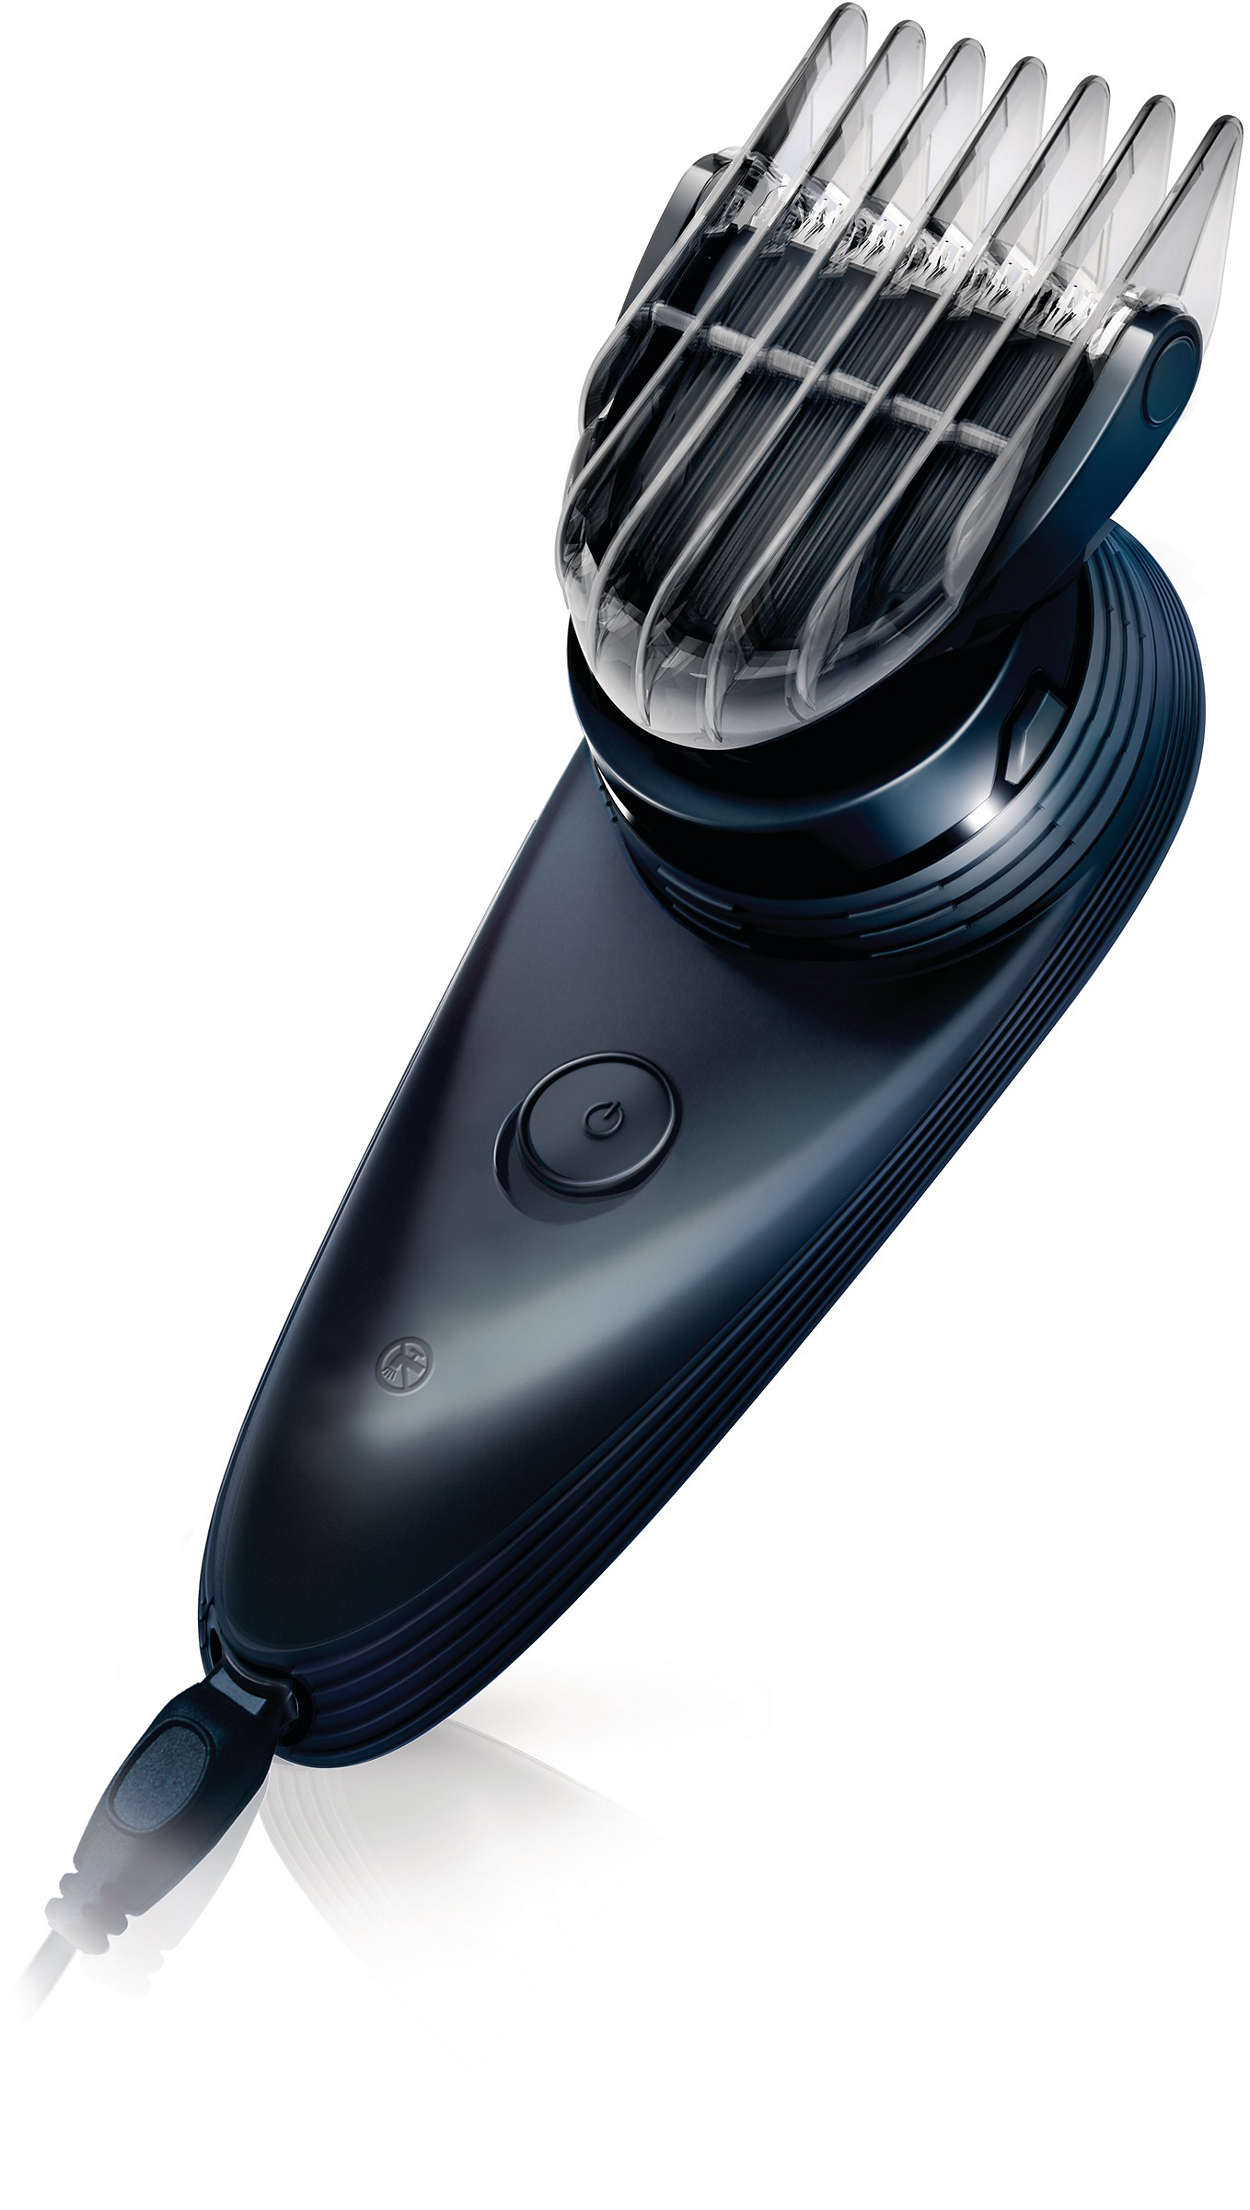 Coupez-vous les cheveux vous-même